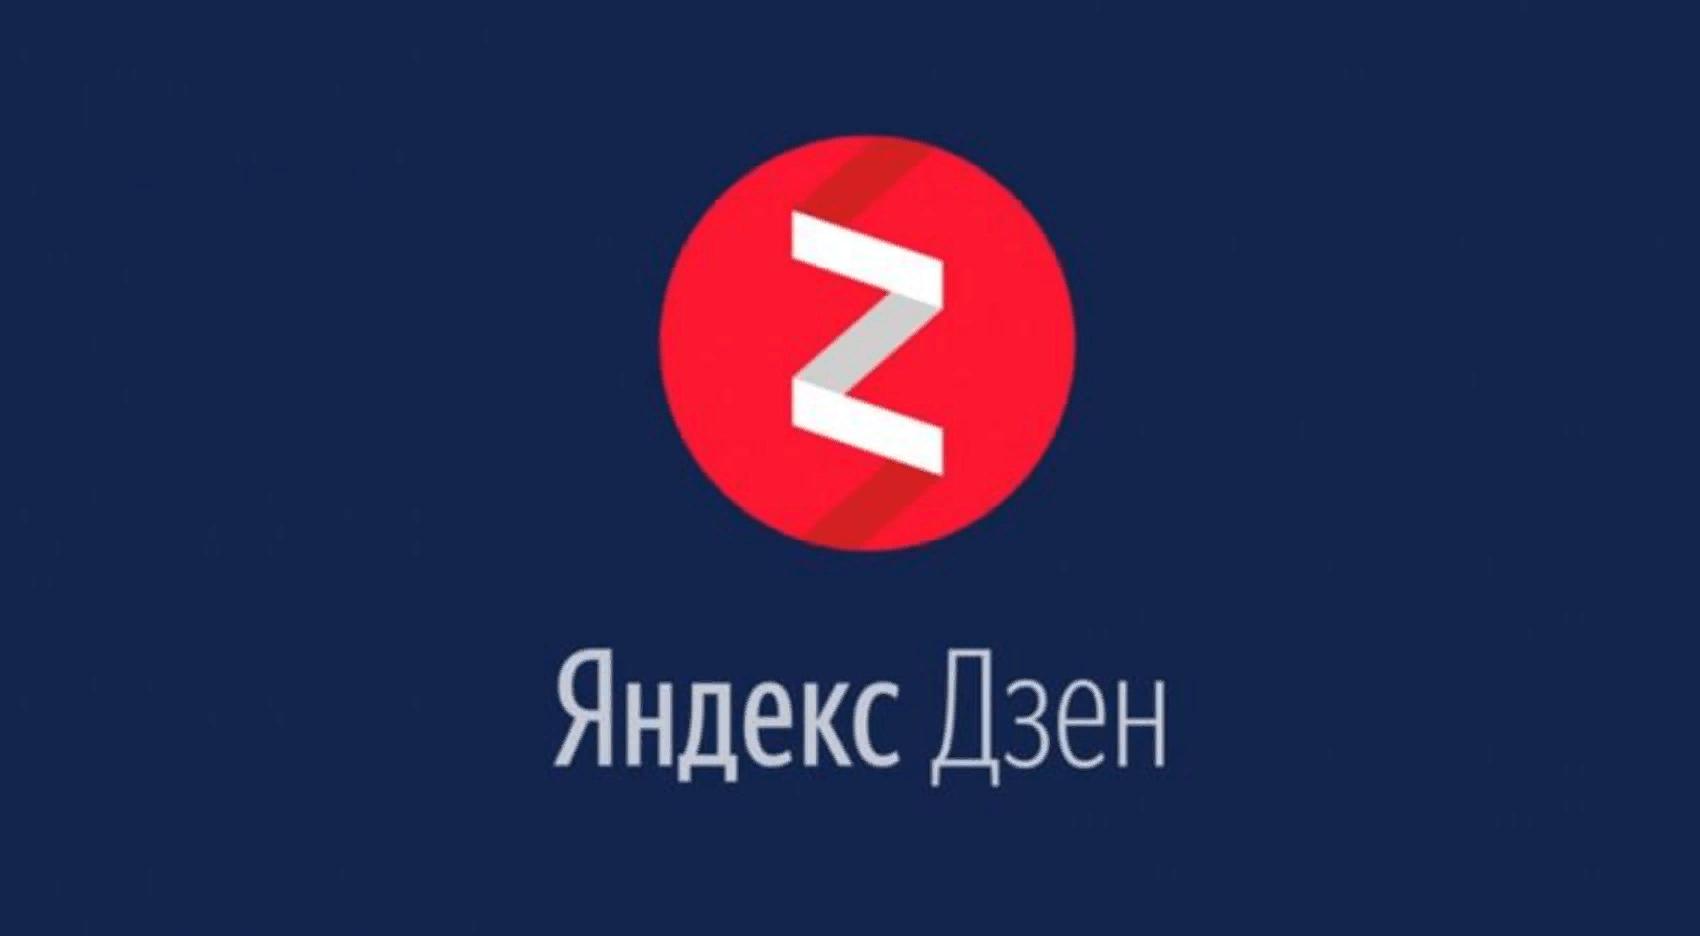 Яндекс Дзен. Монетизация и заработок